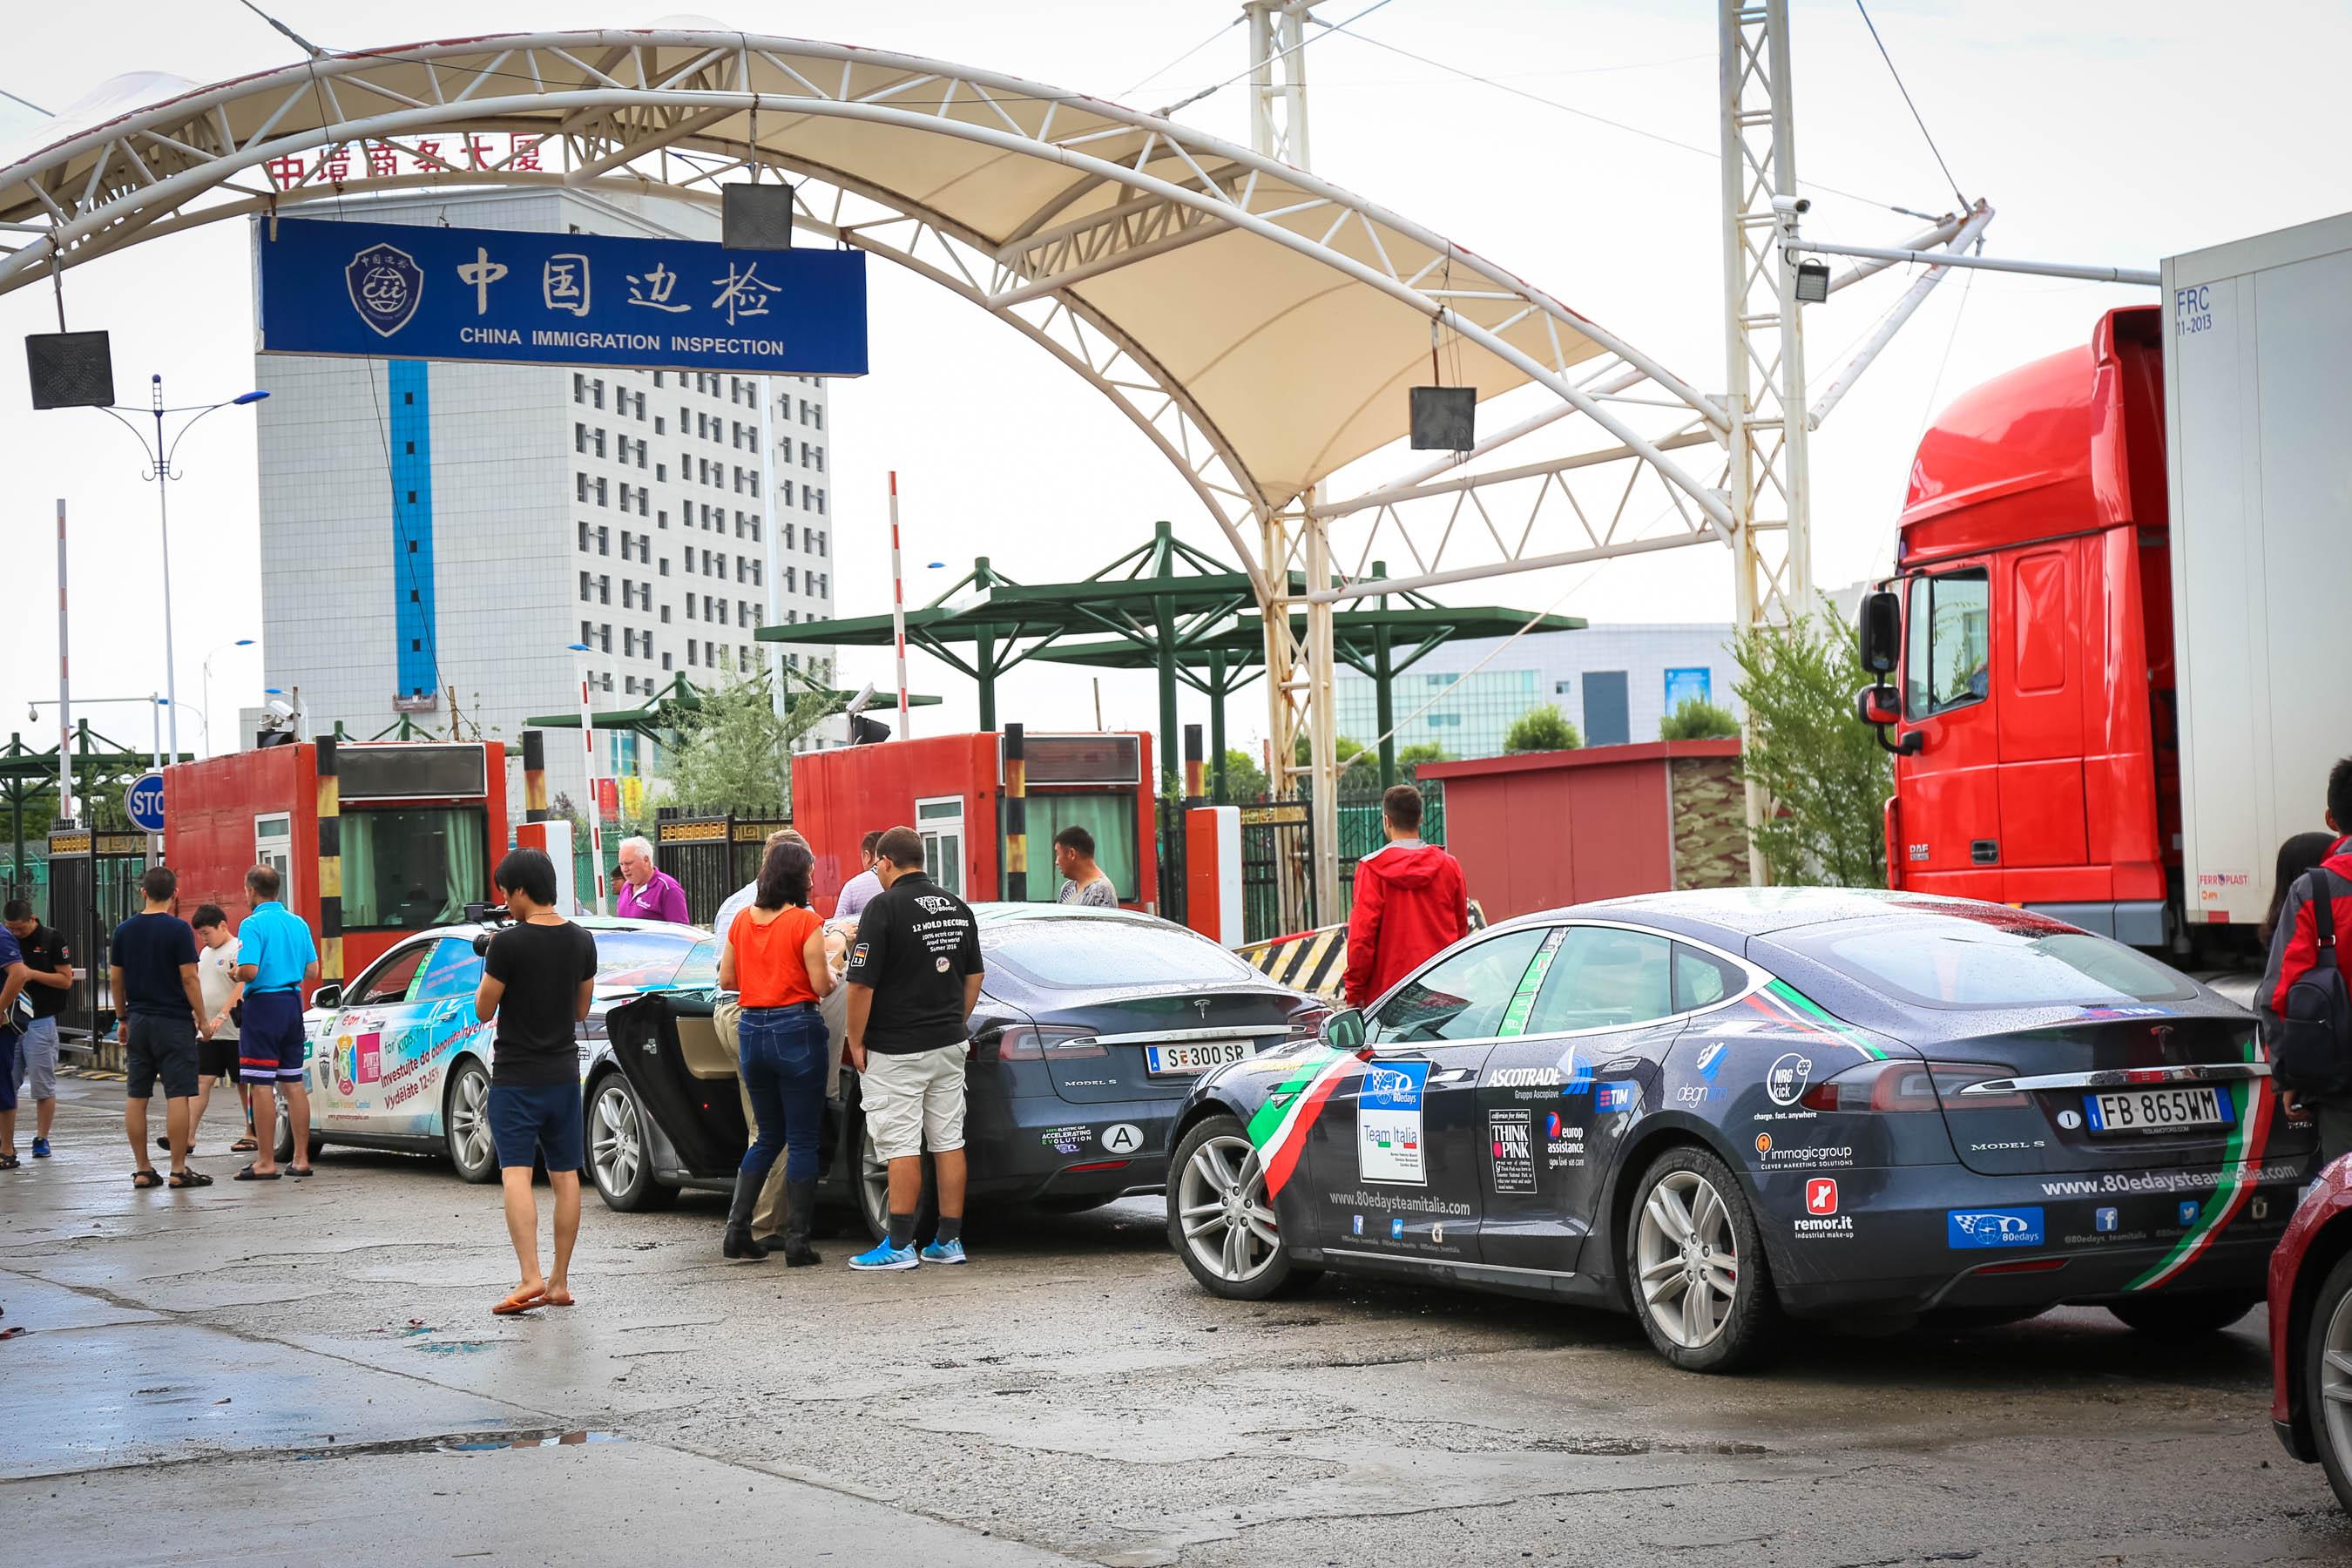 Arrivo in Cina